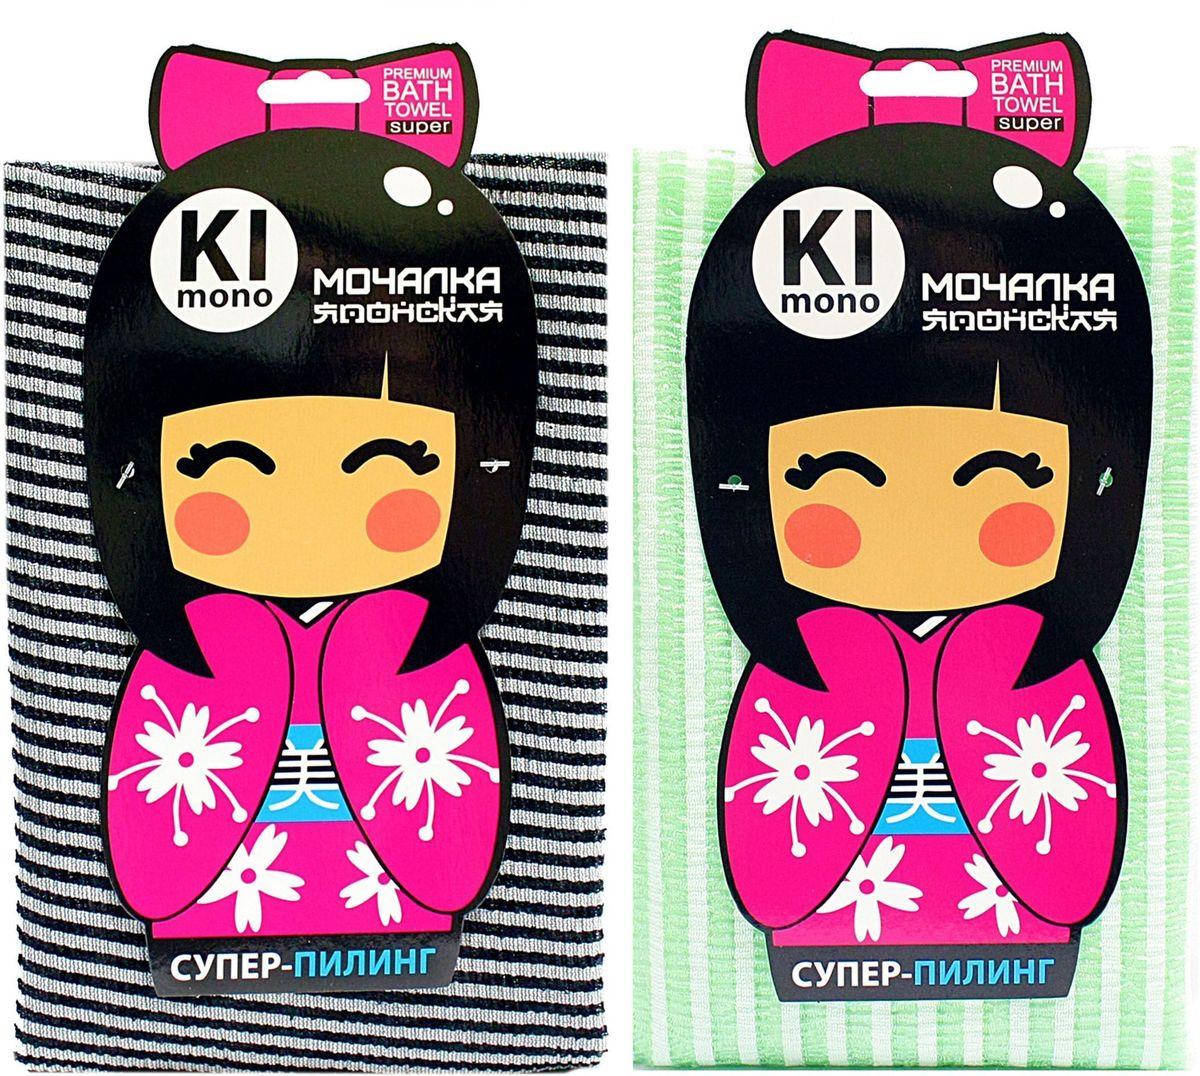 Мочалка-полотенце Eva Kimono. М34131МС50_зеленыйМочалка-полотенце массажная Eva Kimono, изготовленная из скраб-нейлона (многоволокнистой нейлоновой нити с объемным плетением) является оригинальным товаром для ценителей японских мочалок, обладает высоким массажным эффектом. Мочалка с самым высоким уровнем жесткости обладает эффектом скраба, кожа становится чистой, упругой и свежей. Идеальна для профилактики и борьбы с целлюлитом.